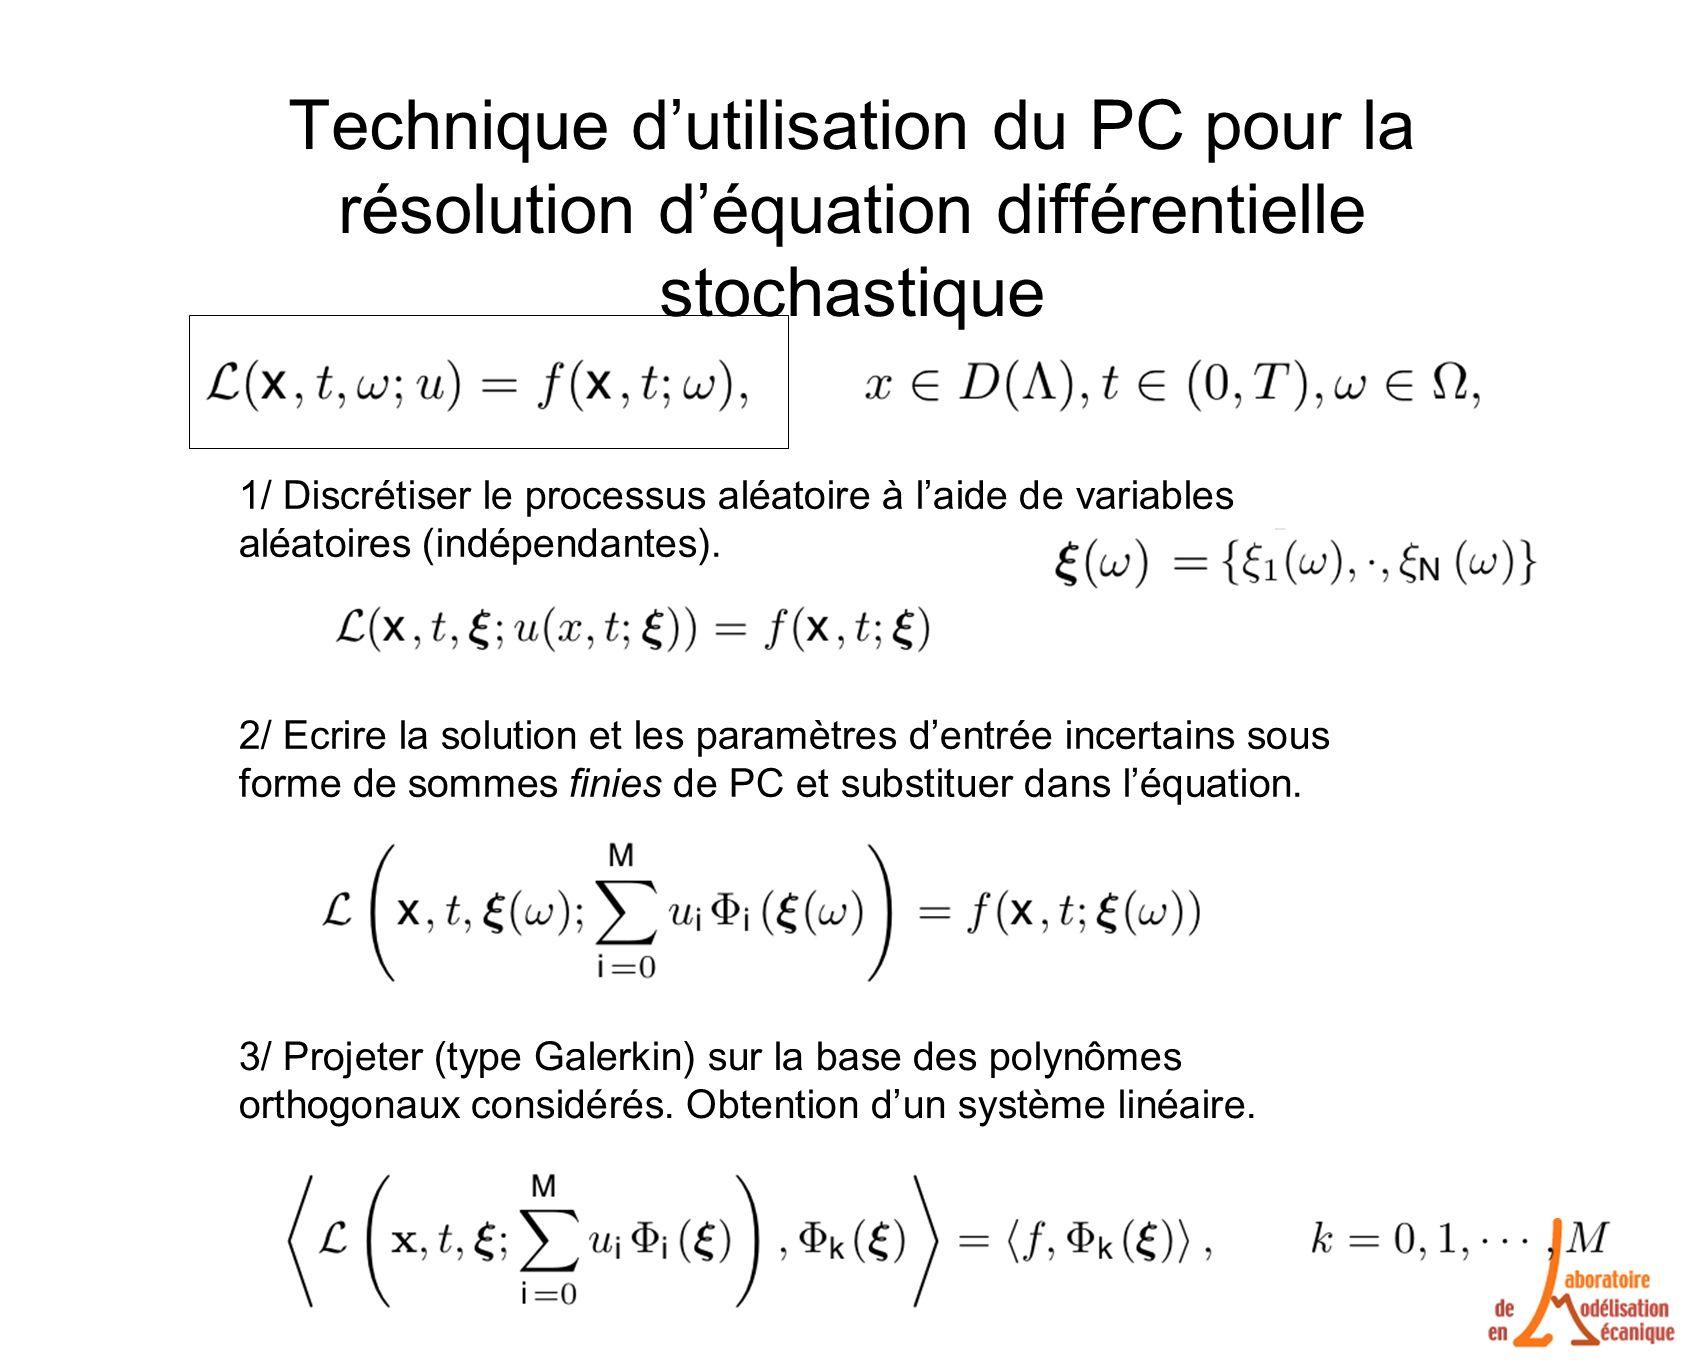 Technique d'utilisation du PC pour la résolution d'équation différentielle stochastique